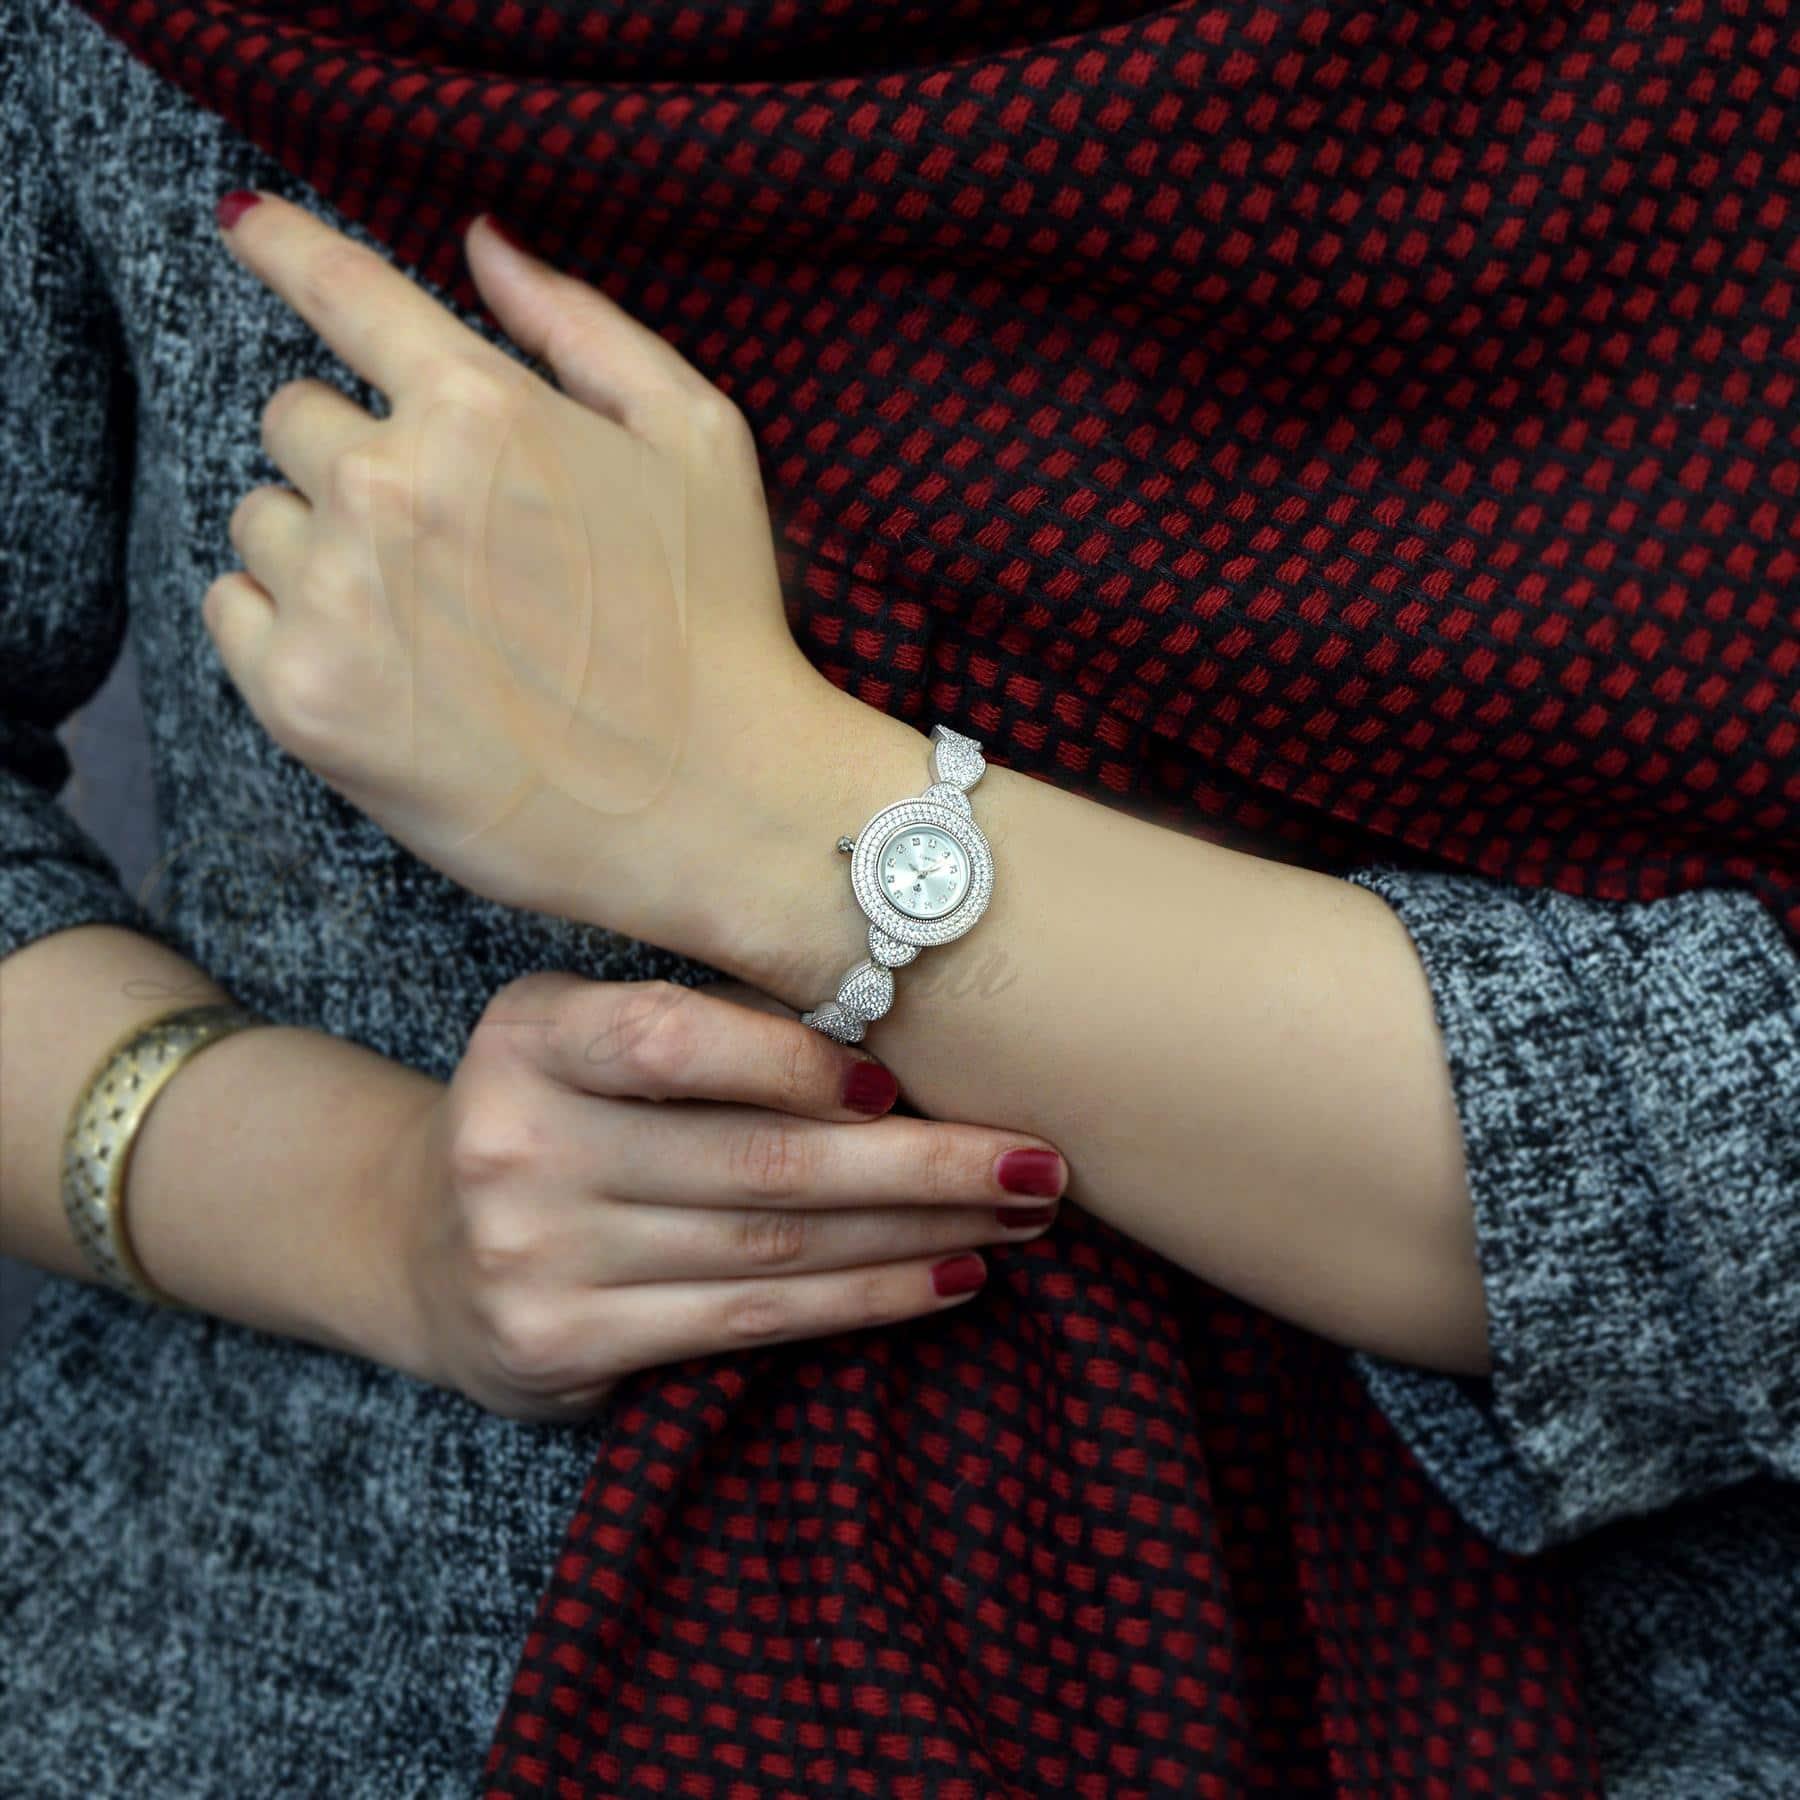 ساعت نقره زنانه جواهری طرح اشک wh-n127 از نمای روی دست